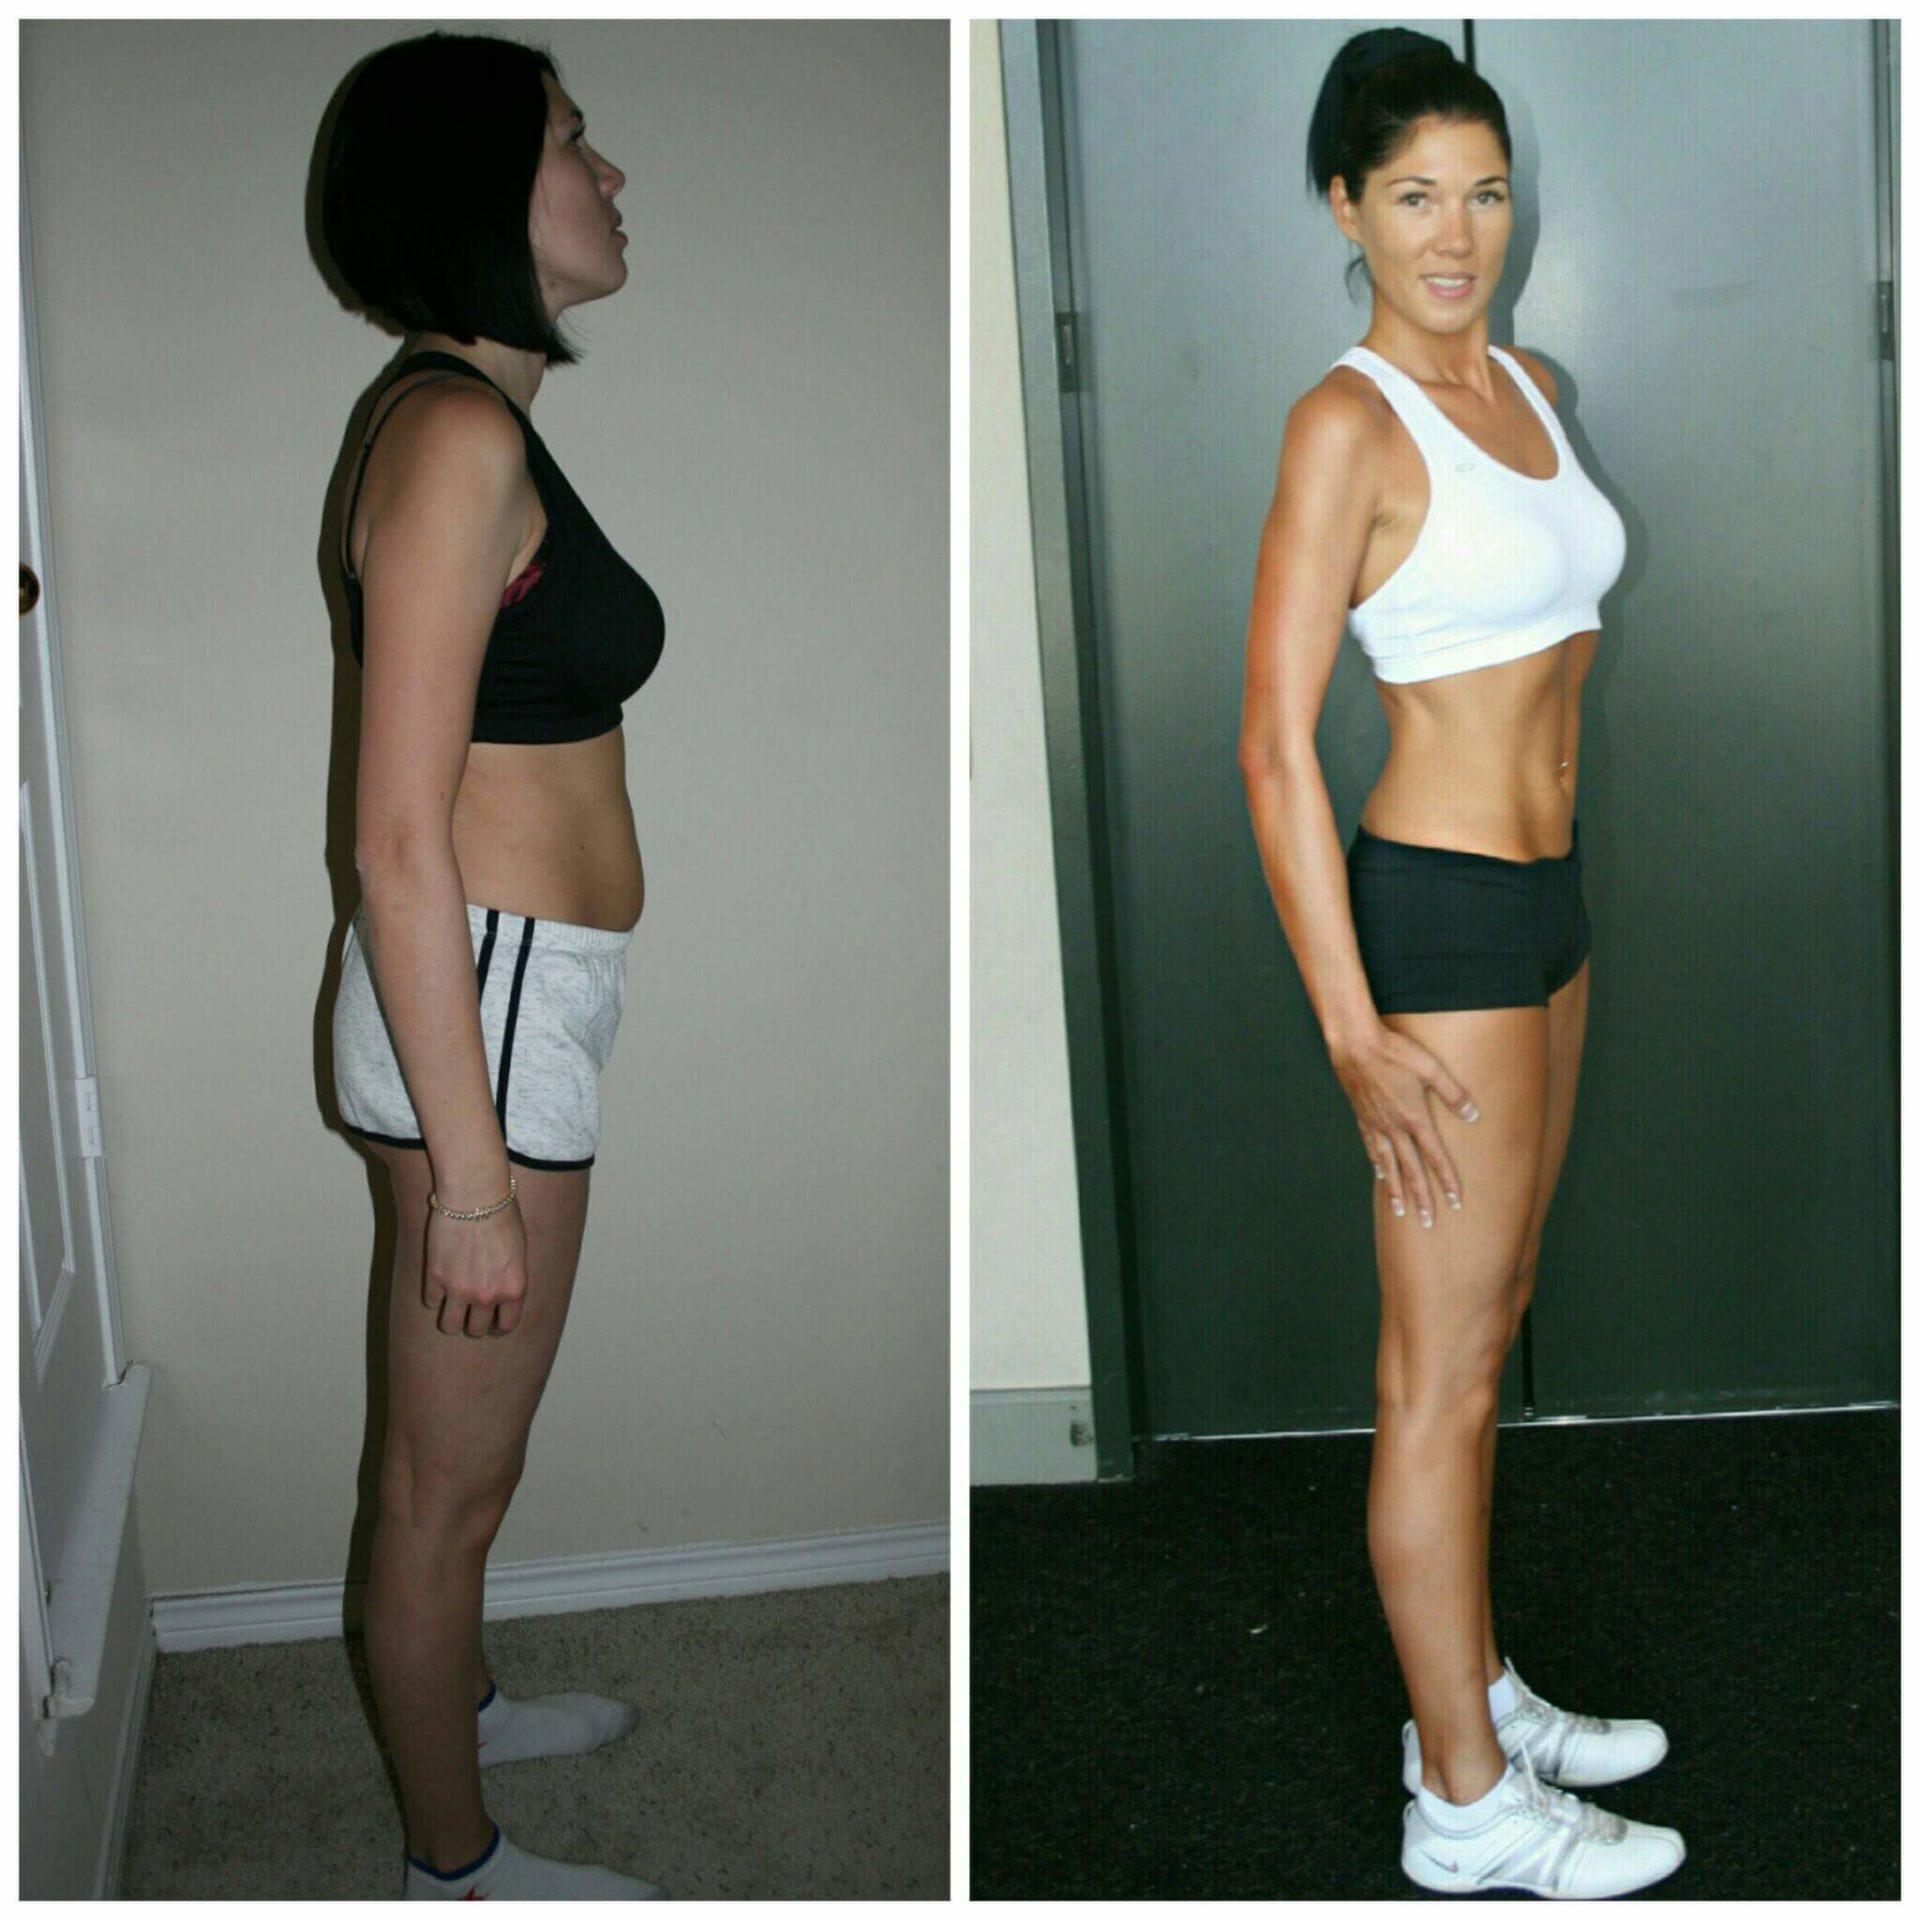 Tanya weight loss coach Dallas